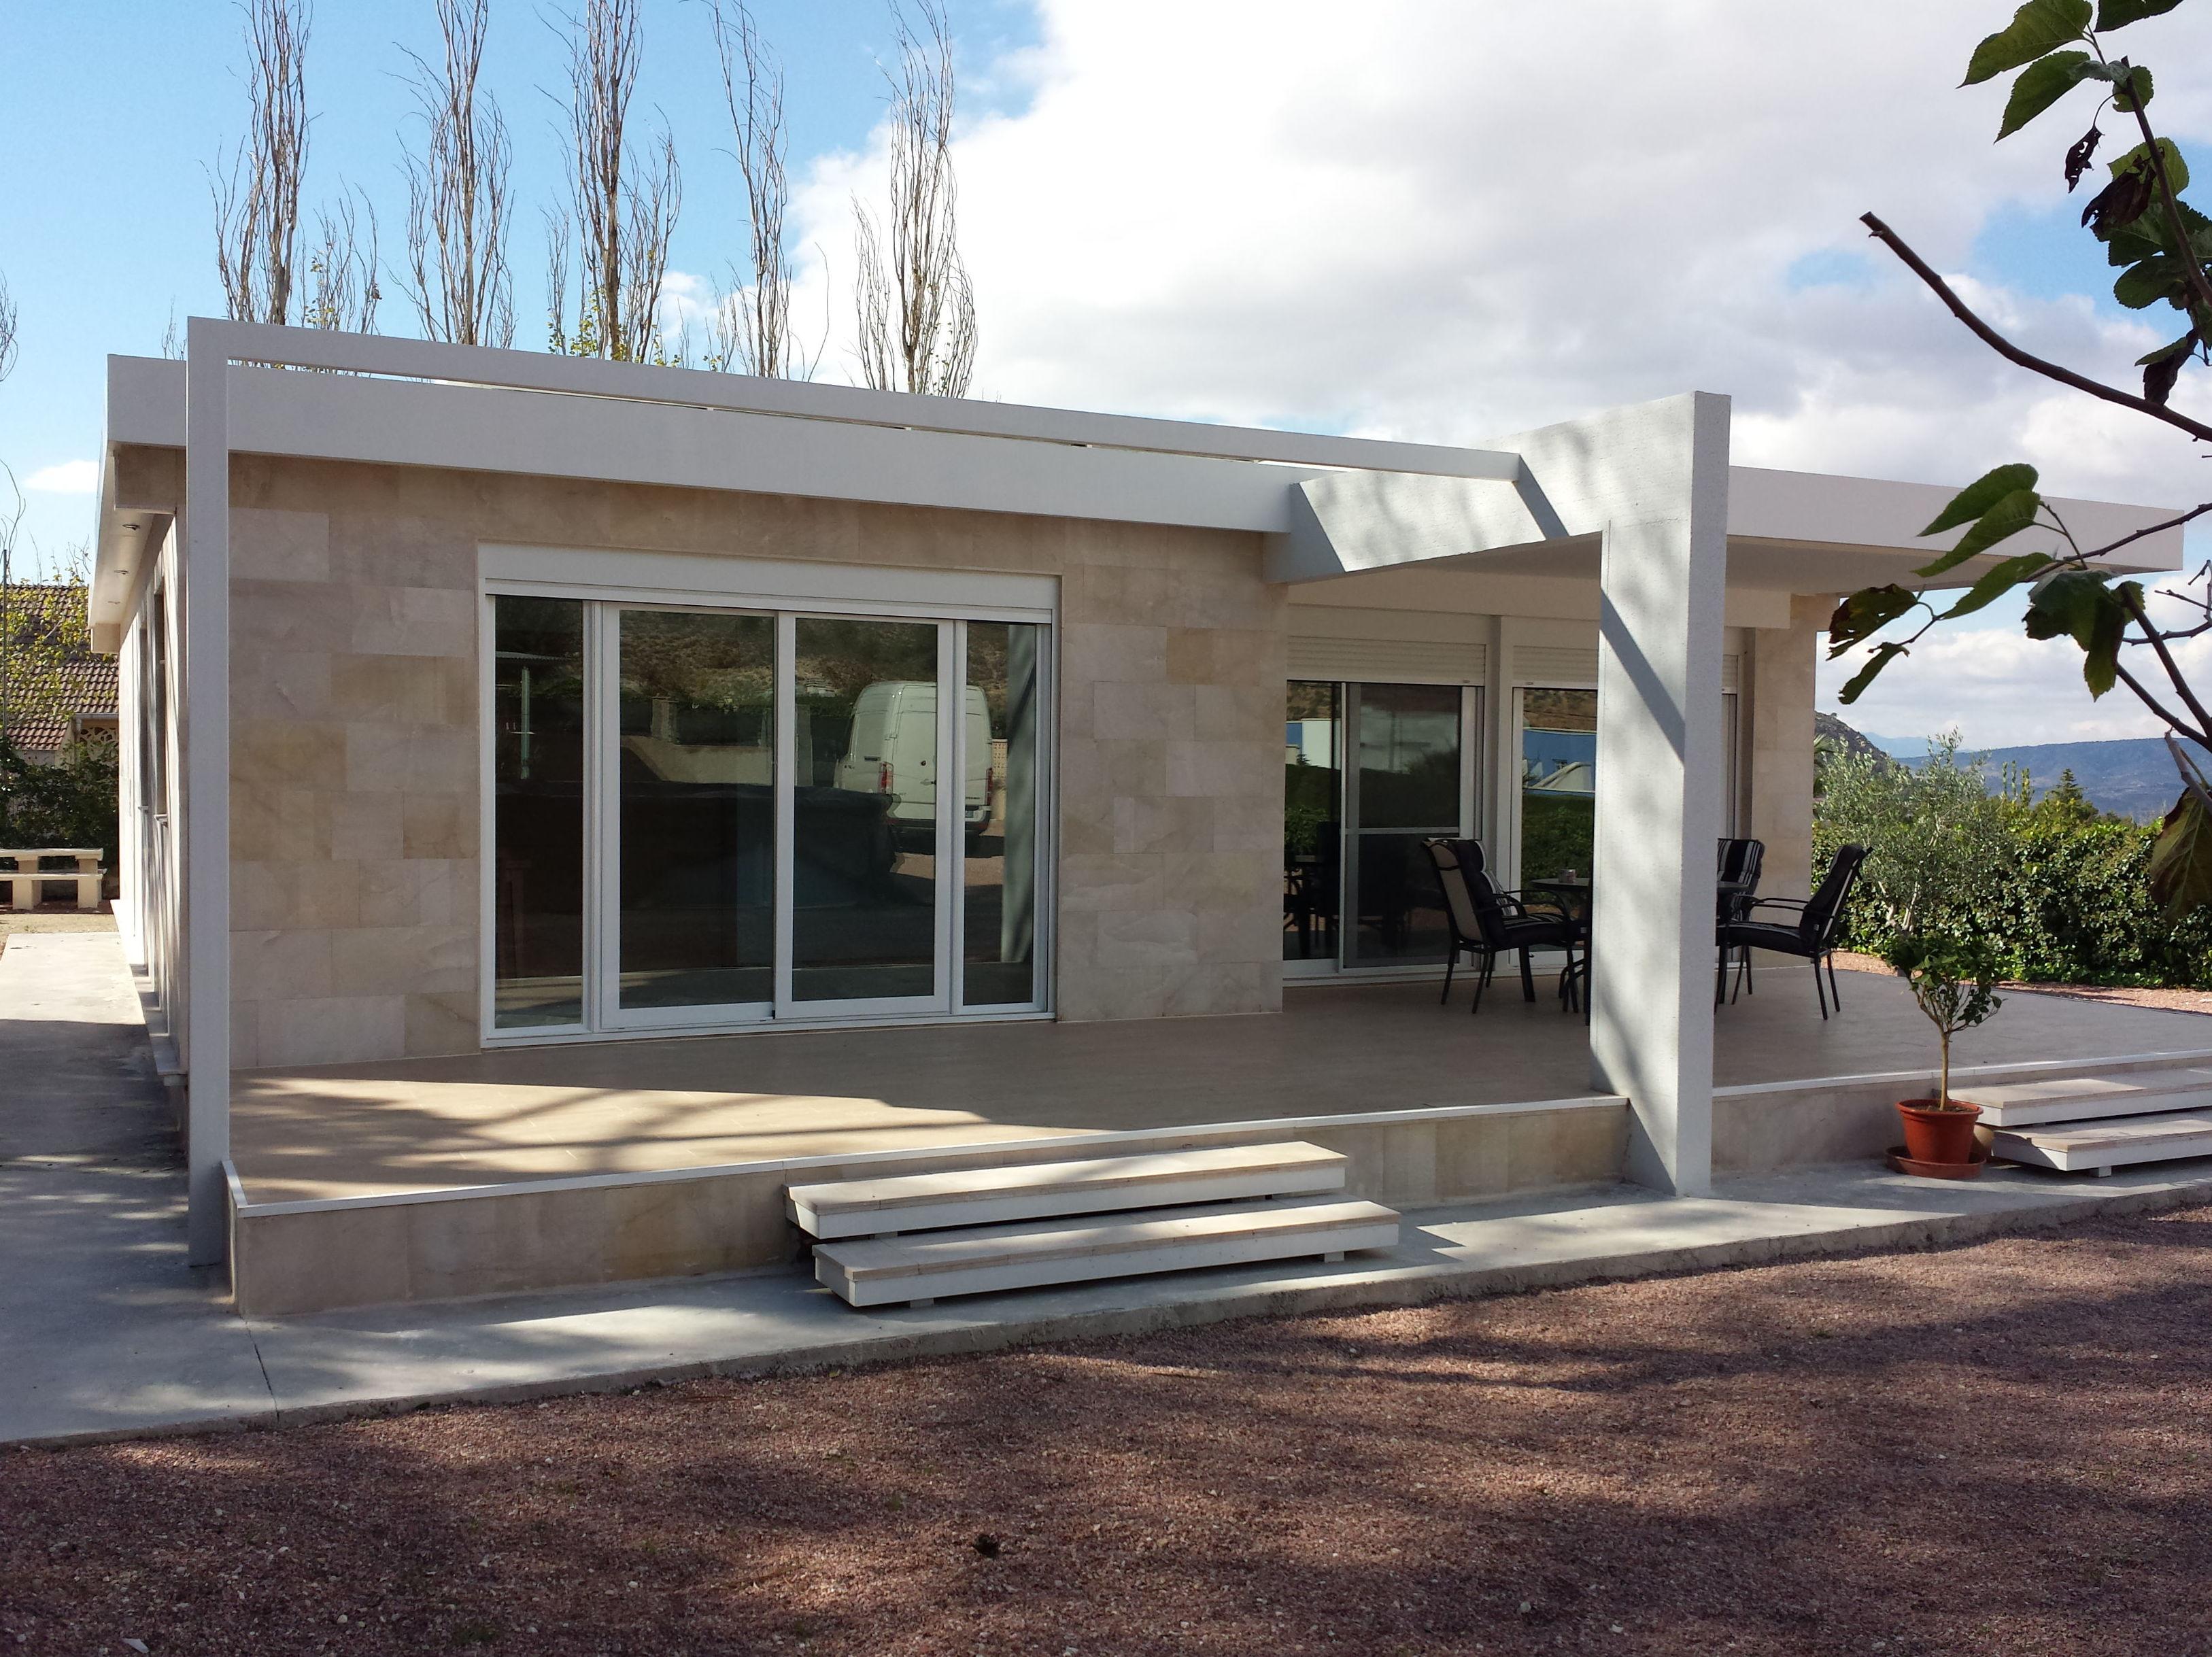 Foto 10 de Casas prefabricadas en  | Wigarma